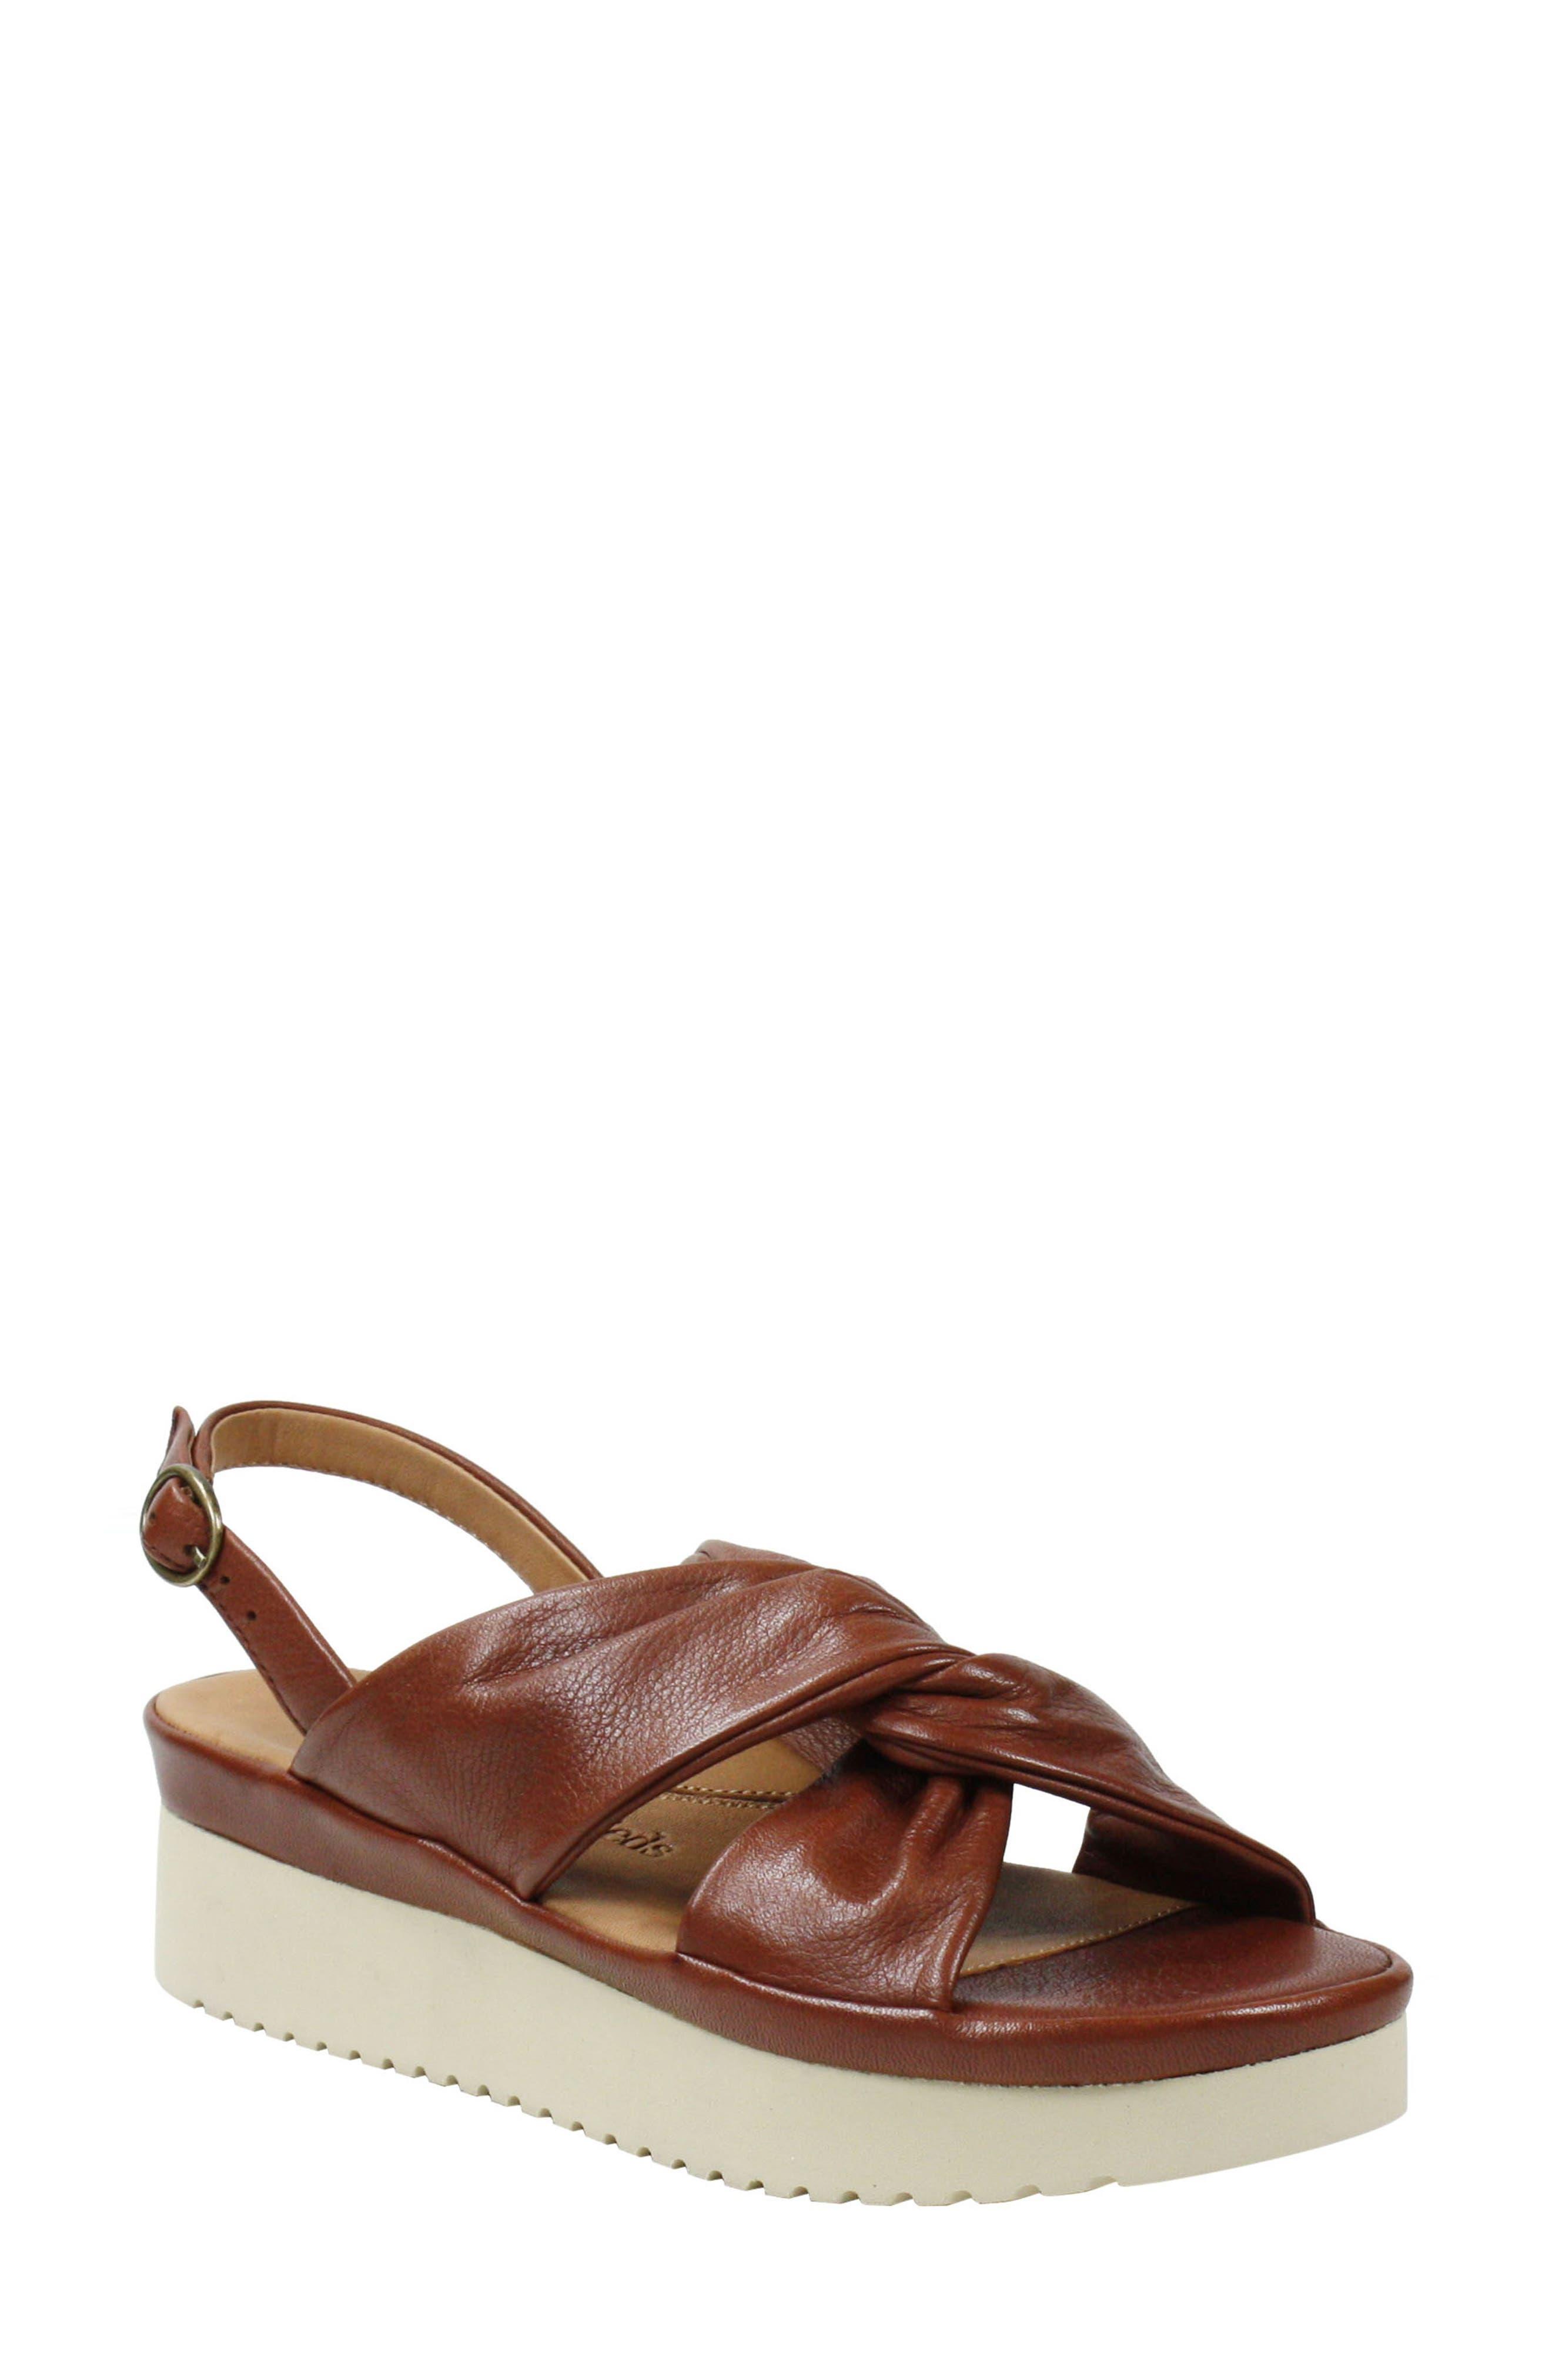 Women's L'Amour De Pieds Amiens Slingback Platform Sandal